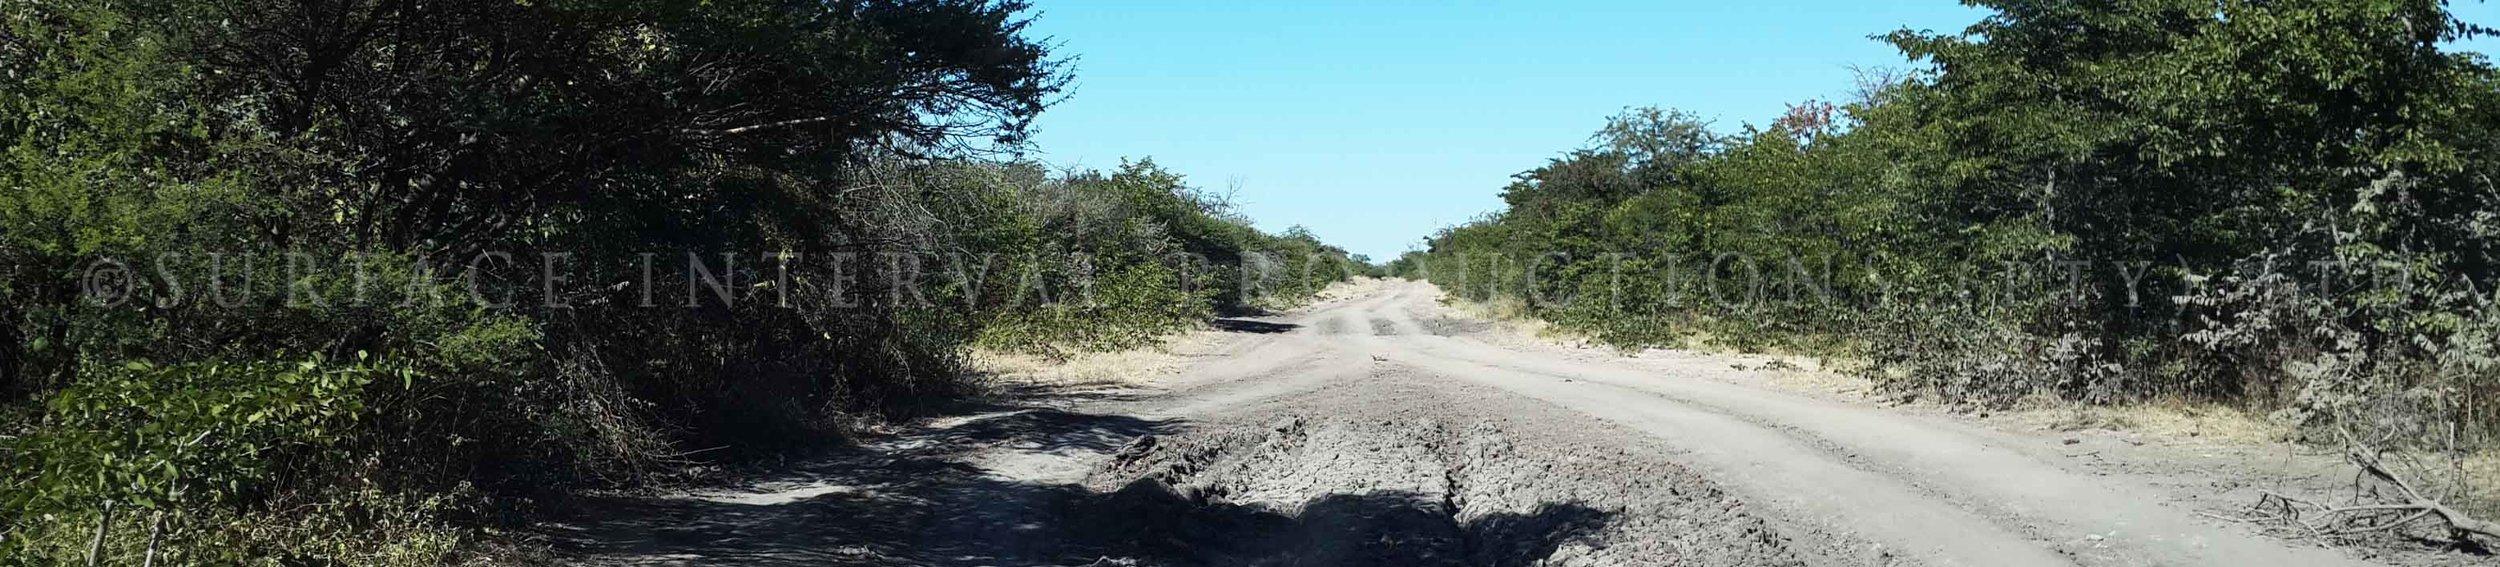 Road 13.jpg